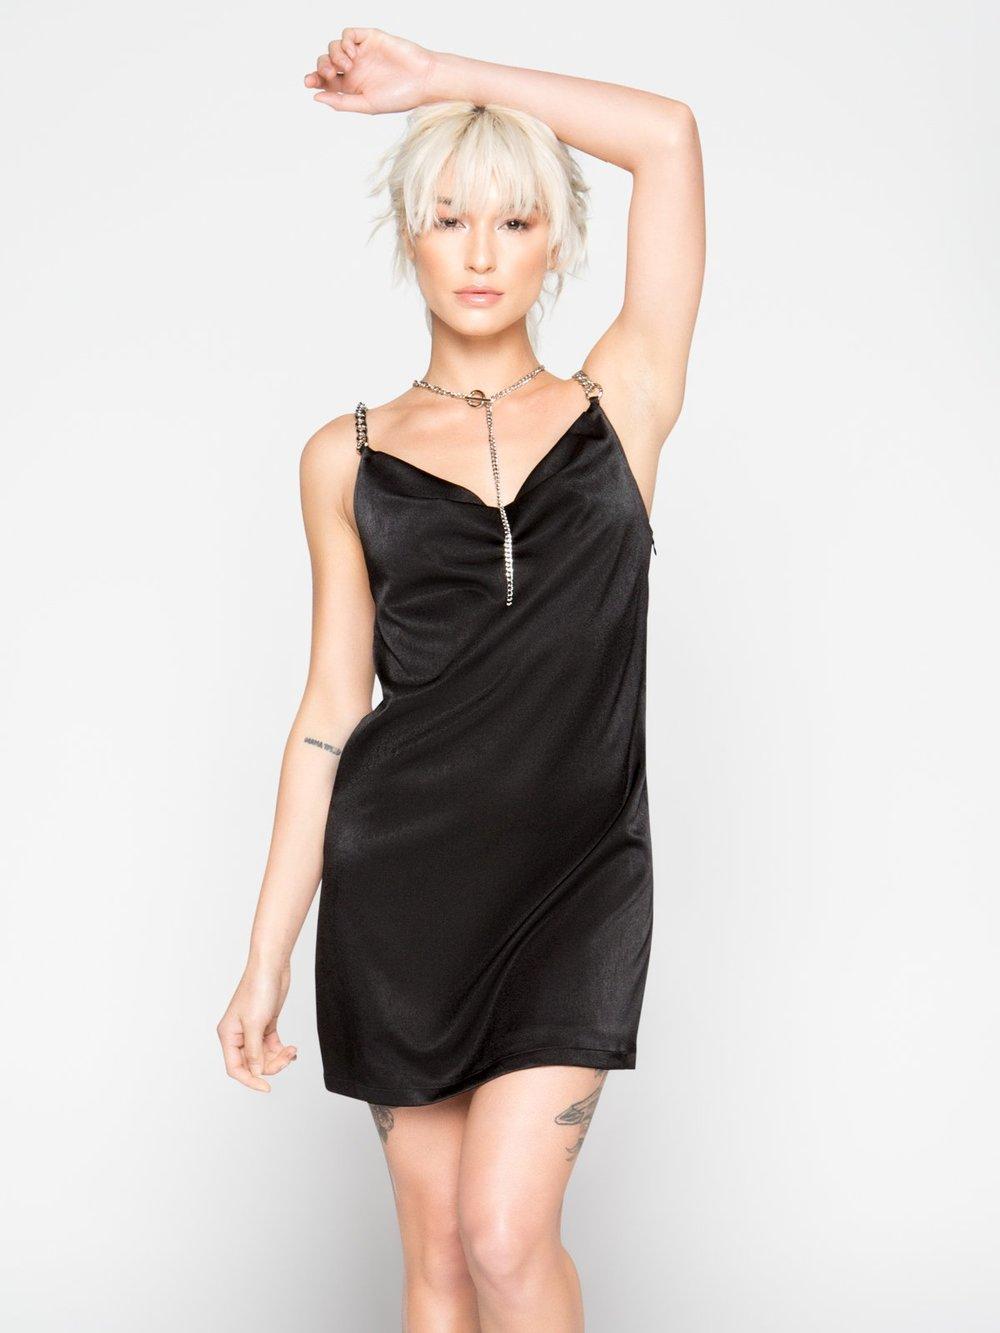 Black_Chain_Dress-1.jpg